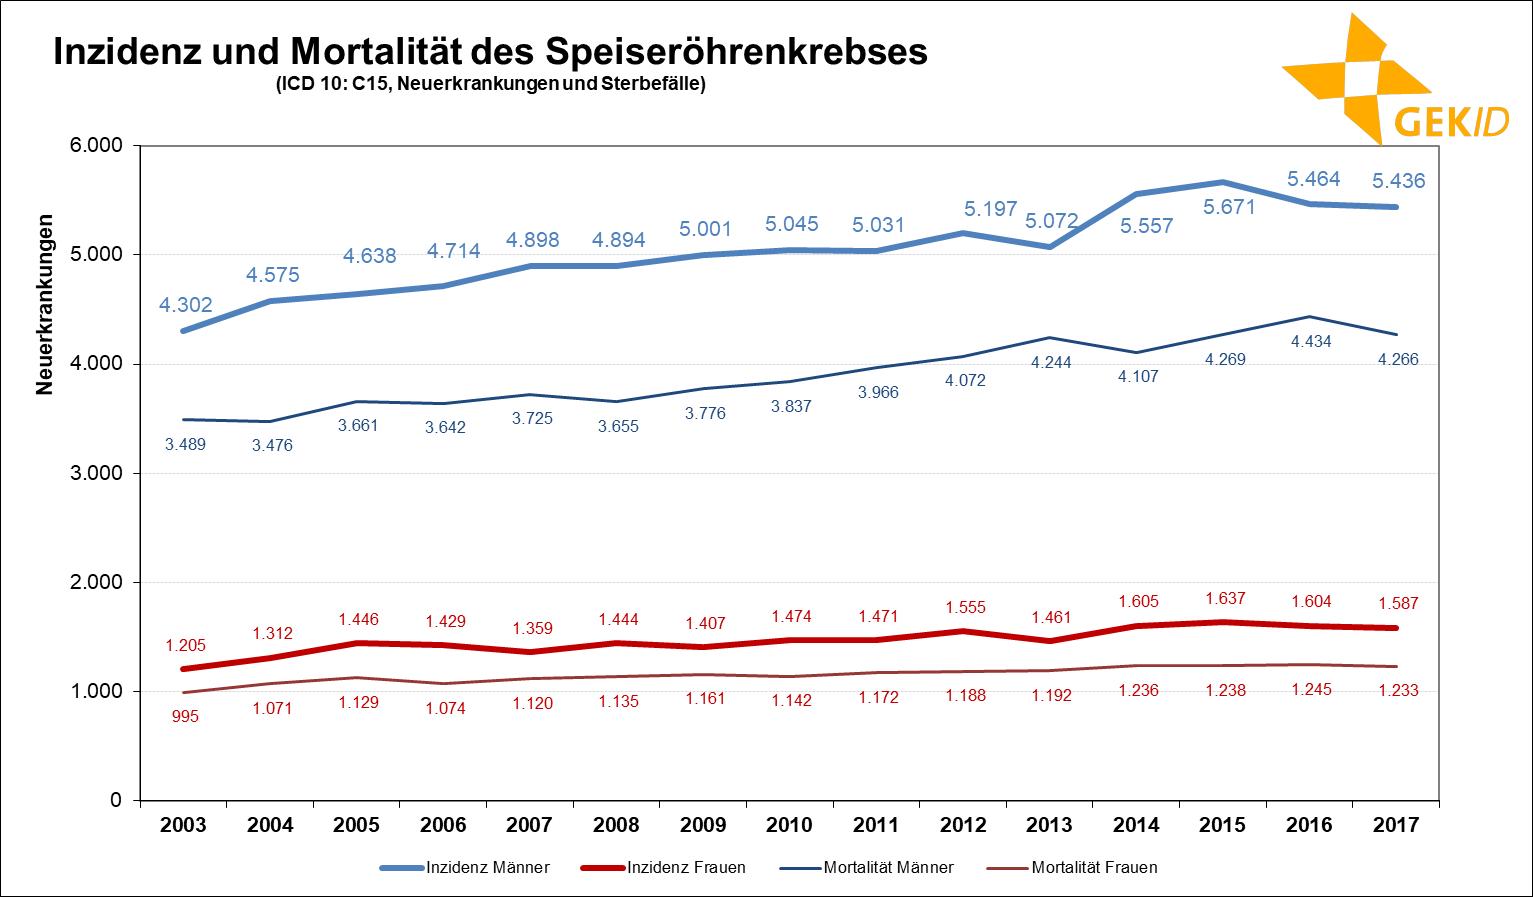 Geschätzte Inzidenz des Speiseröhrenkrebses (ICD 10: C15) in Deutschland – Fallzahlen Quelle: Zentrum für Krebsregisterdaten, Datenbankabfrage 2